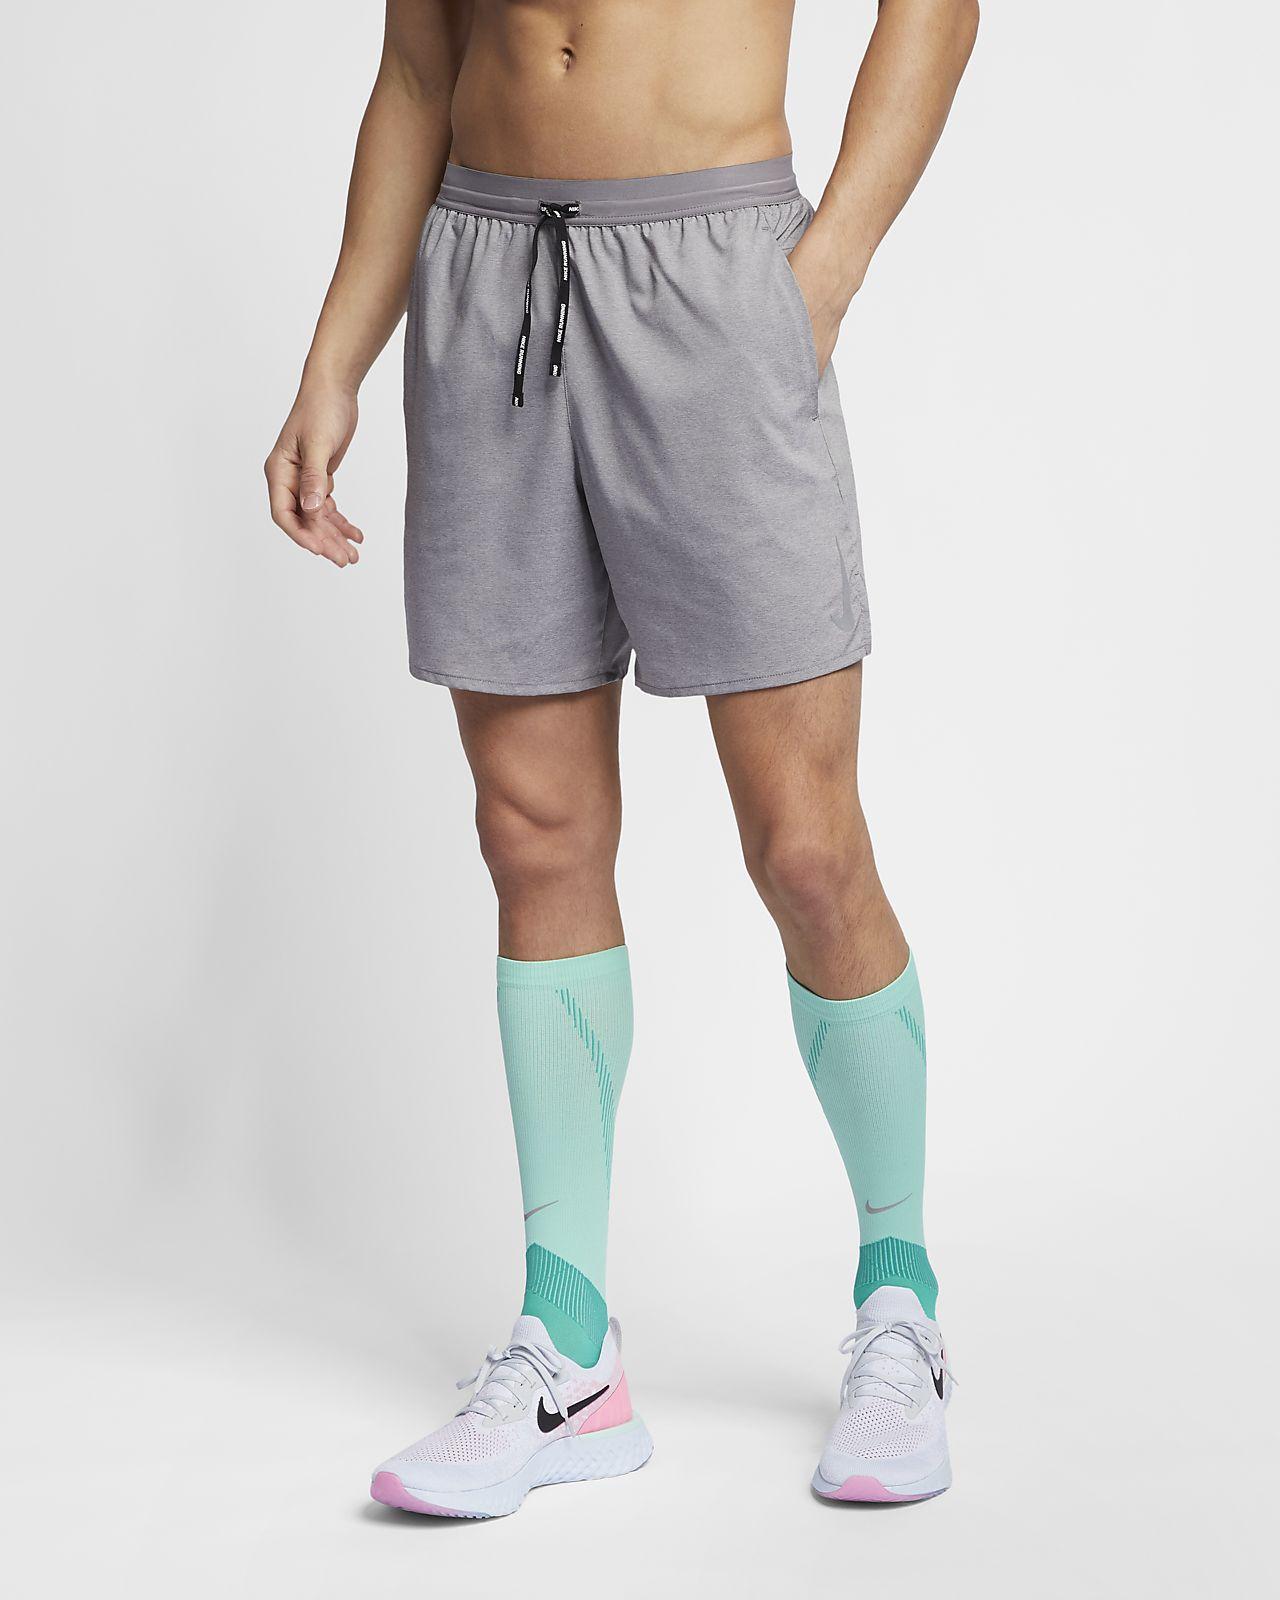 กางเกงวิ่งขาสั้น 7 นิ้วผู้ชาย Nike Flex Stride